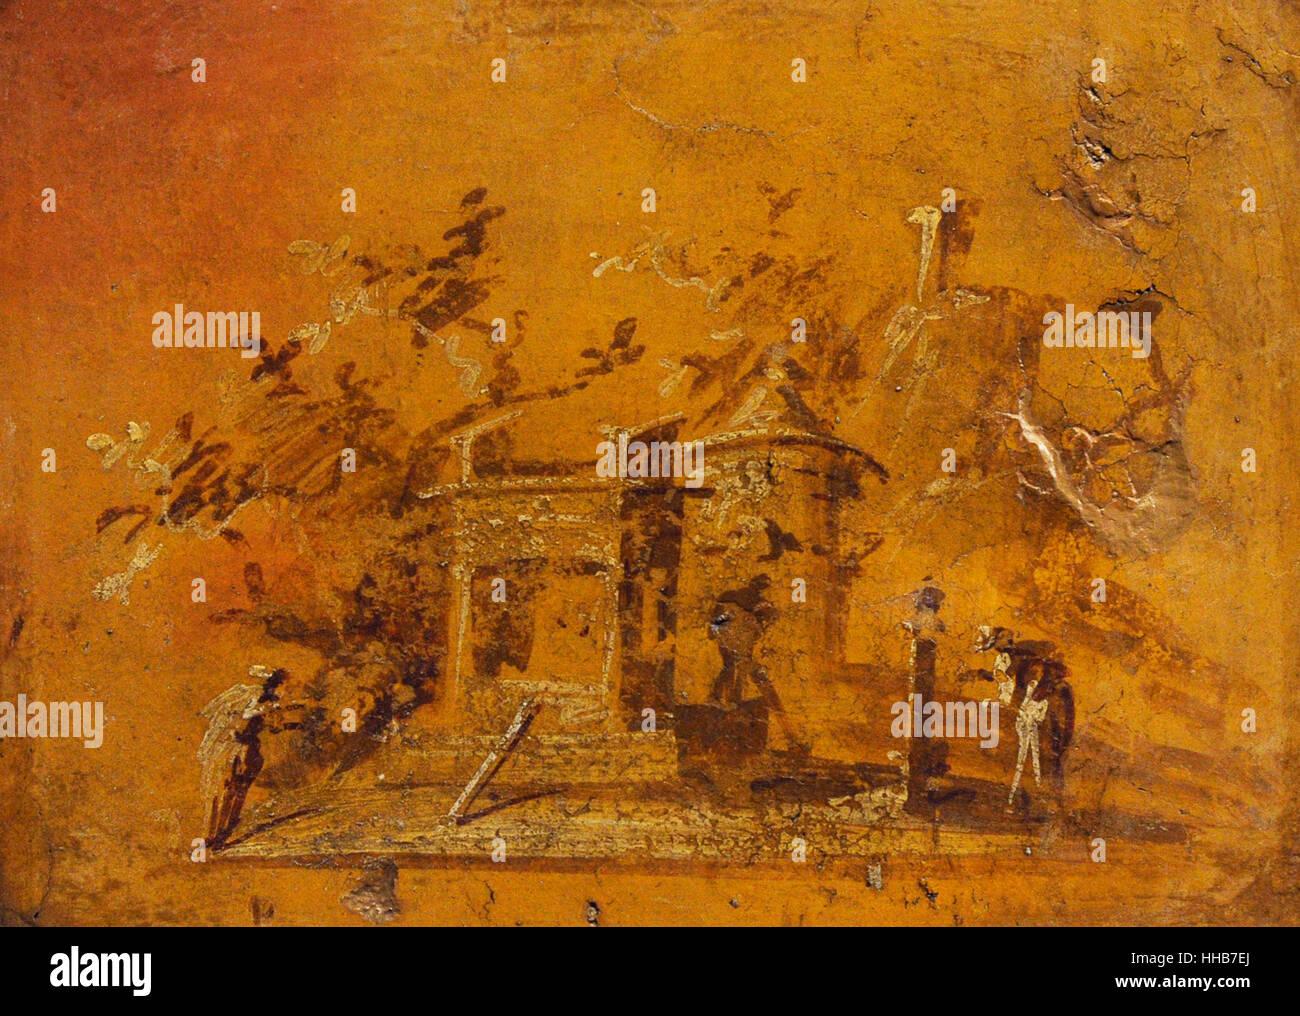 Fresque représentant un paysage monochrome. 50-79 AD. De la villa des Papyri, Herculanum. Musée Archéologique National. Naples. L'Italie. Banque D'Images